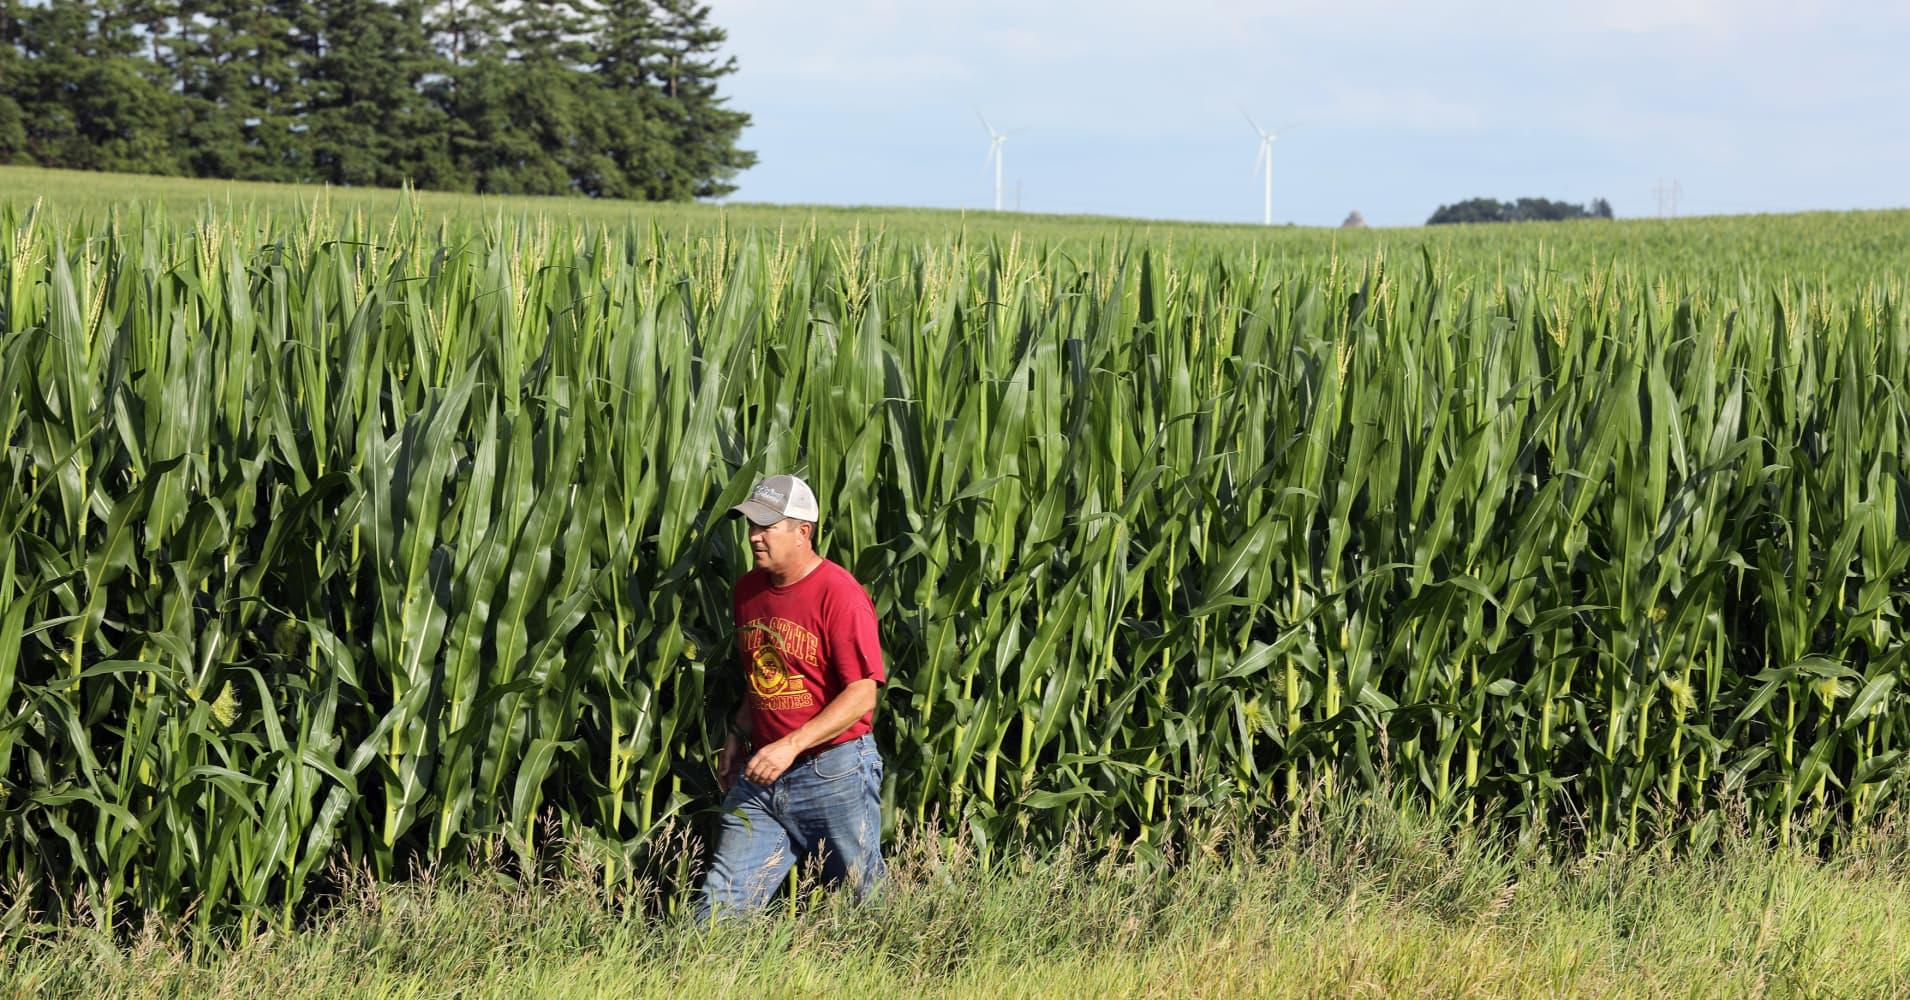 Kentucky Soybean Farmers Feeling the Financial Strain of